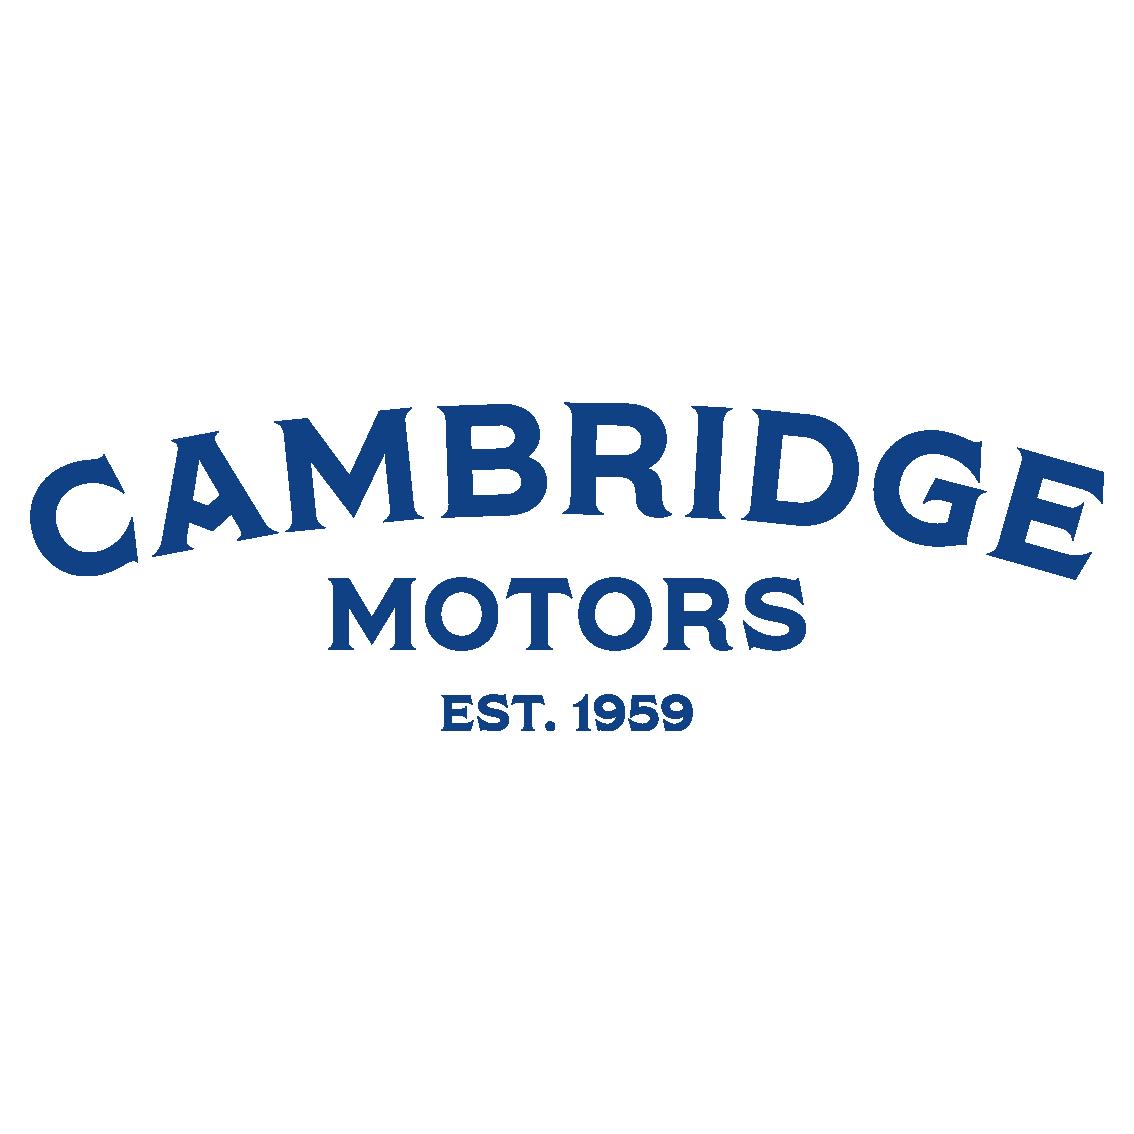 Cambridge Motors Plumstead